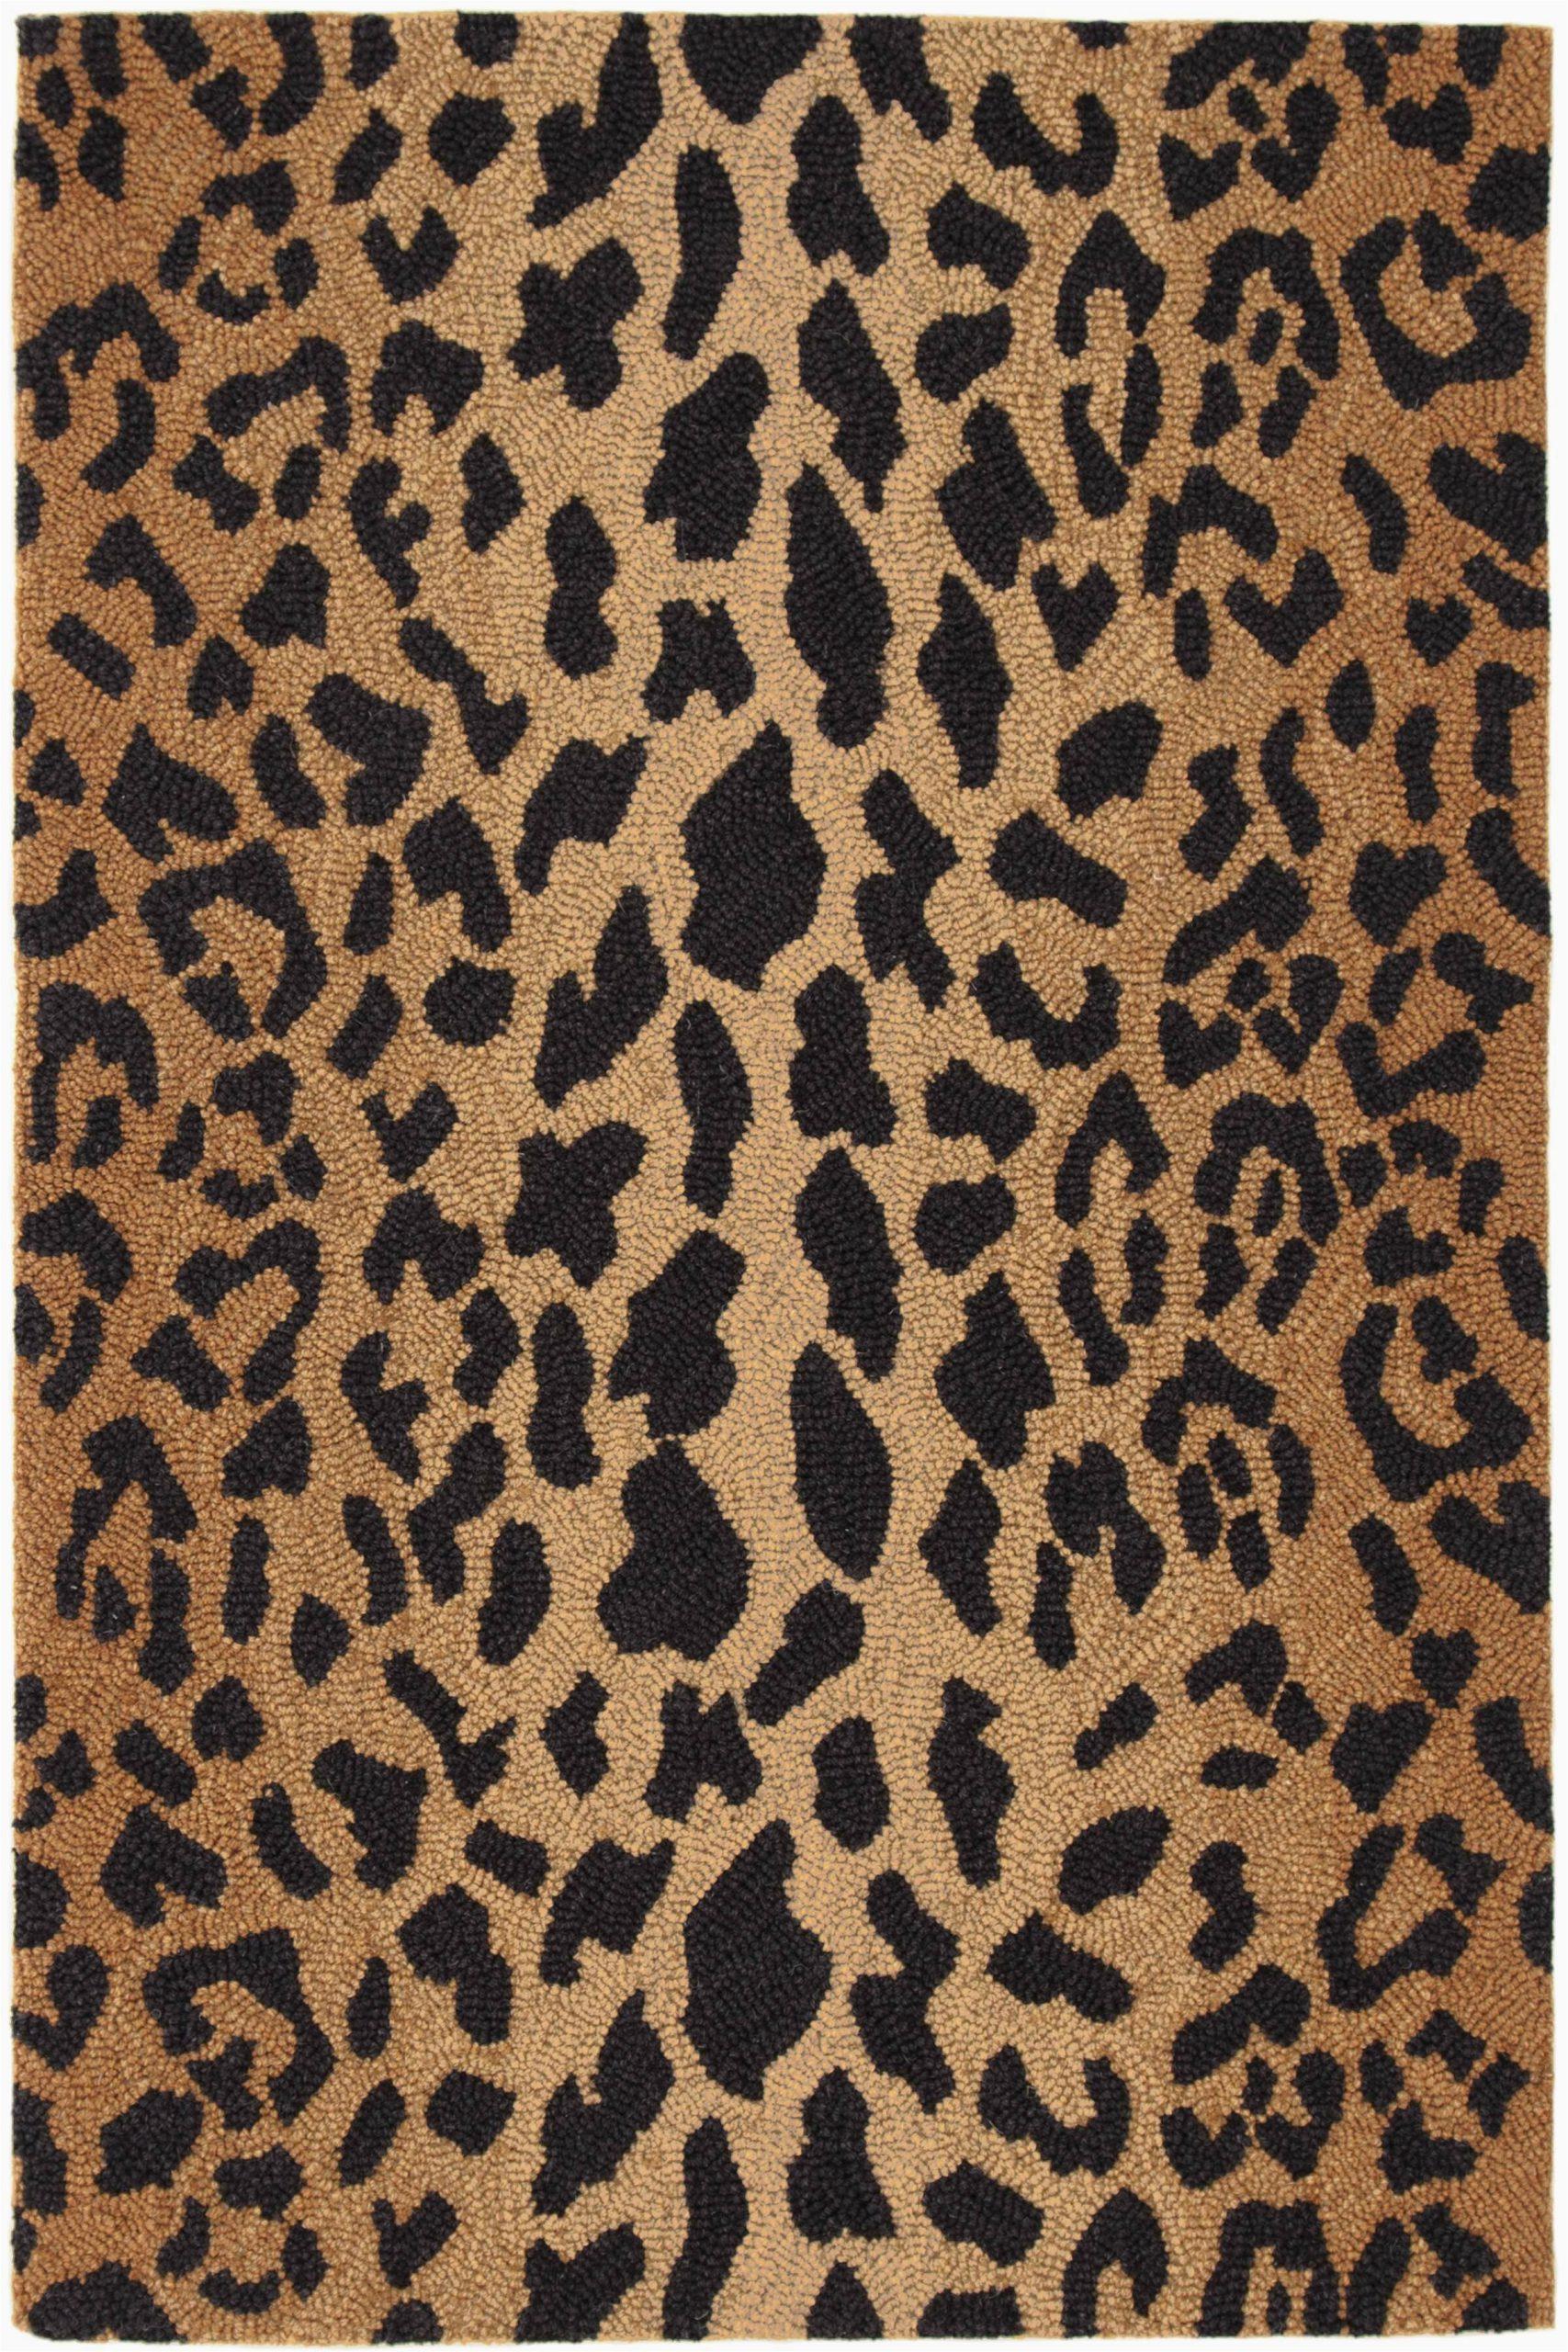 leopard animal print hand hooked wool brownblack area rug